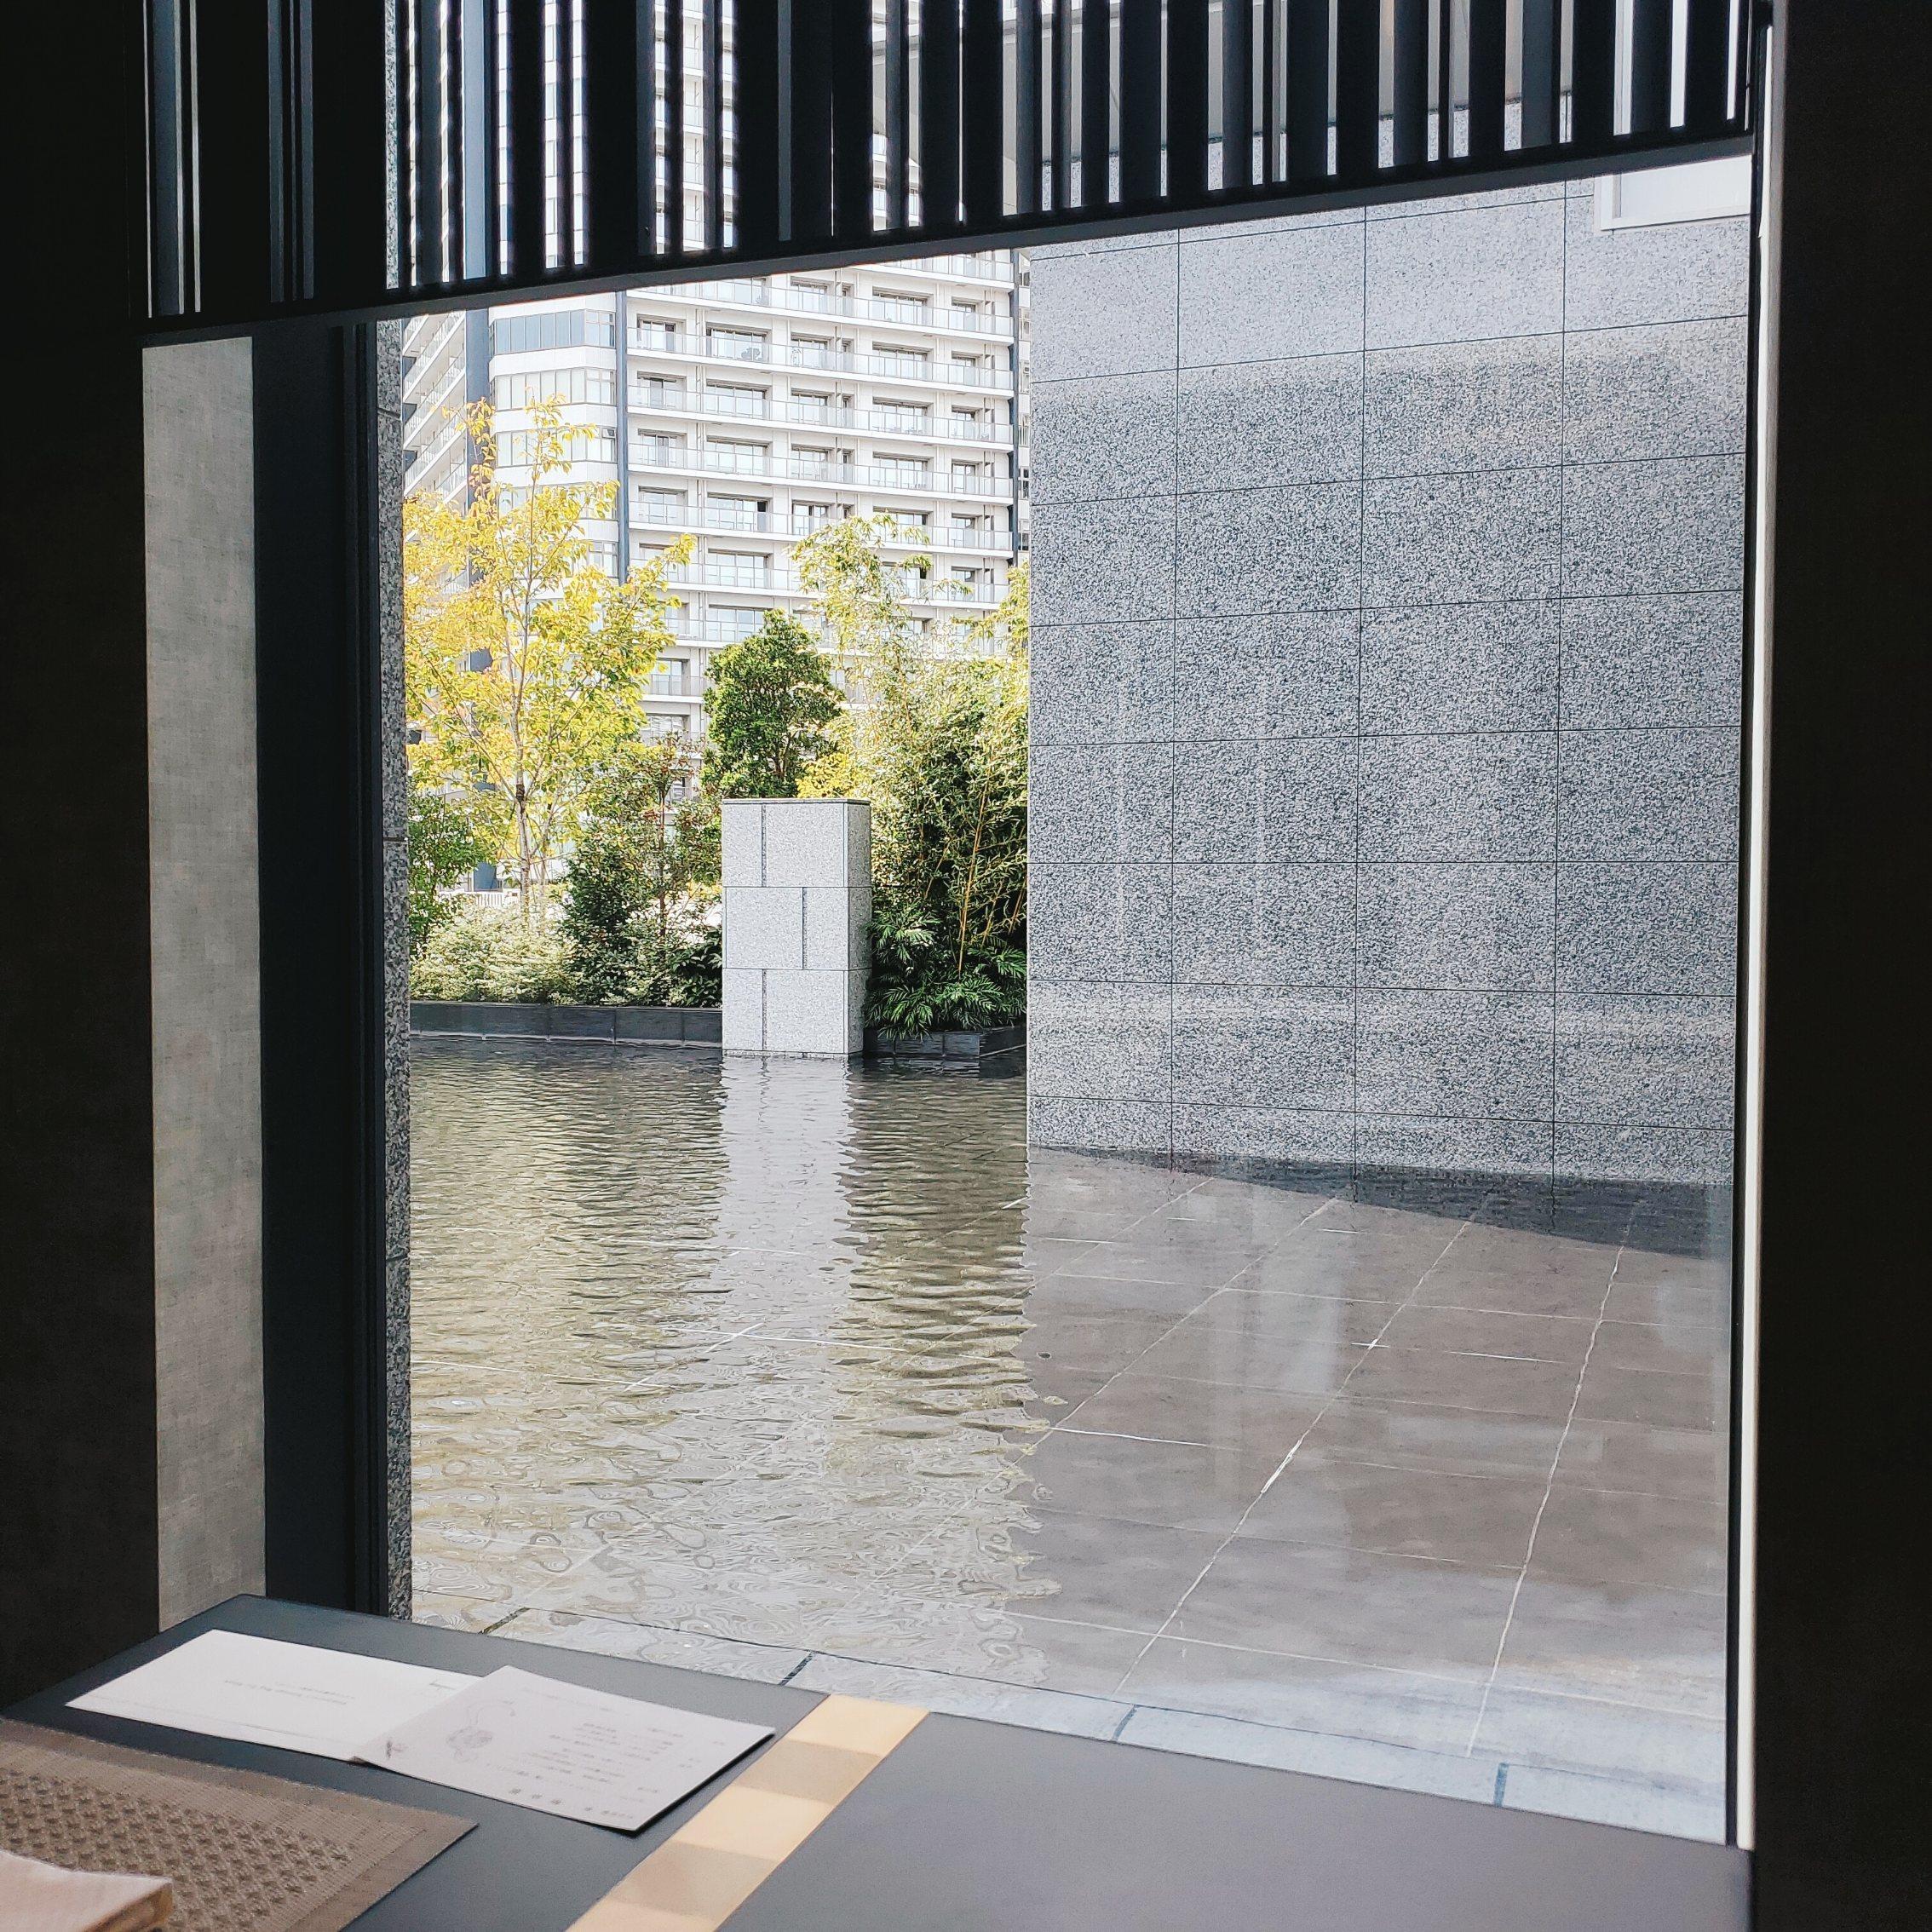 大きな窓から見える水面 水の動きの波形がよい感じでみえます